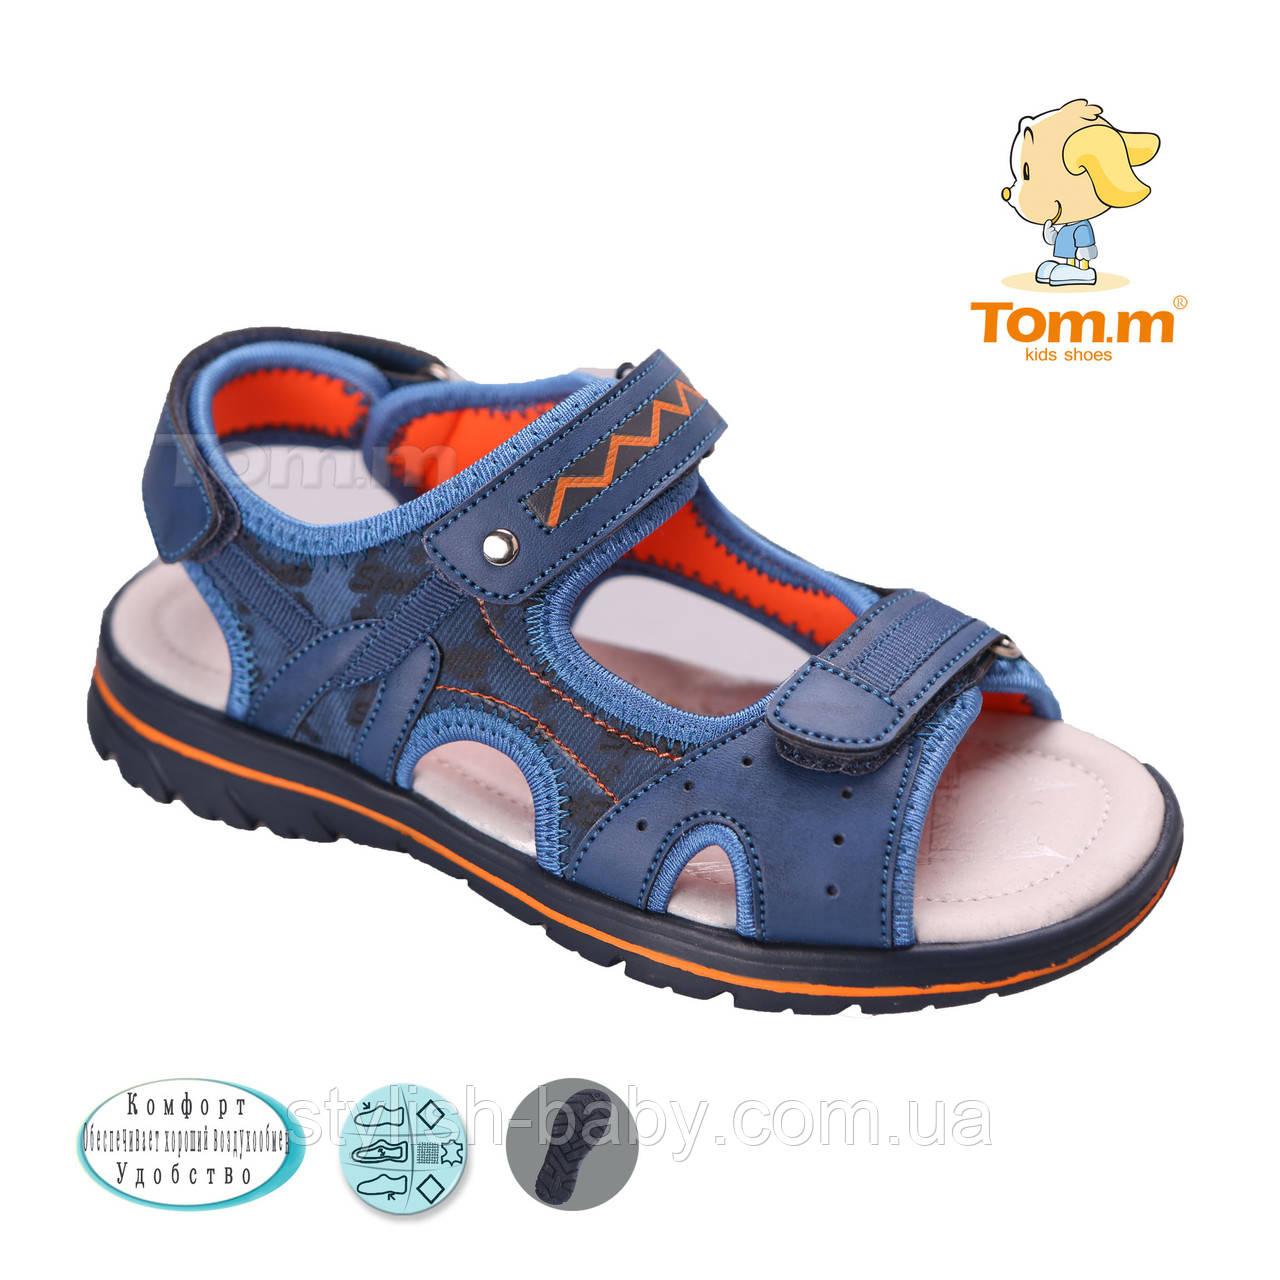 Детские босоножки оптом. Детская обувь 2018. Детская летняя обувь бренда Tom.m для мальчиков (рр. с 32 по 37)